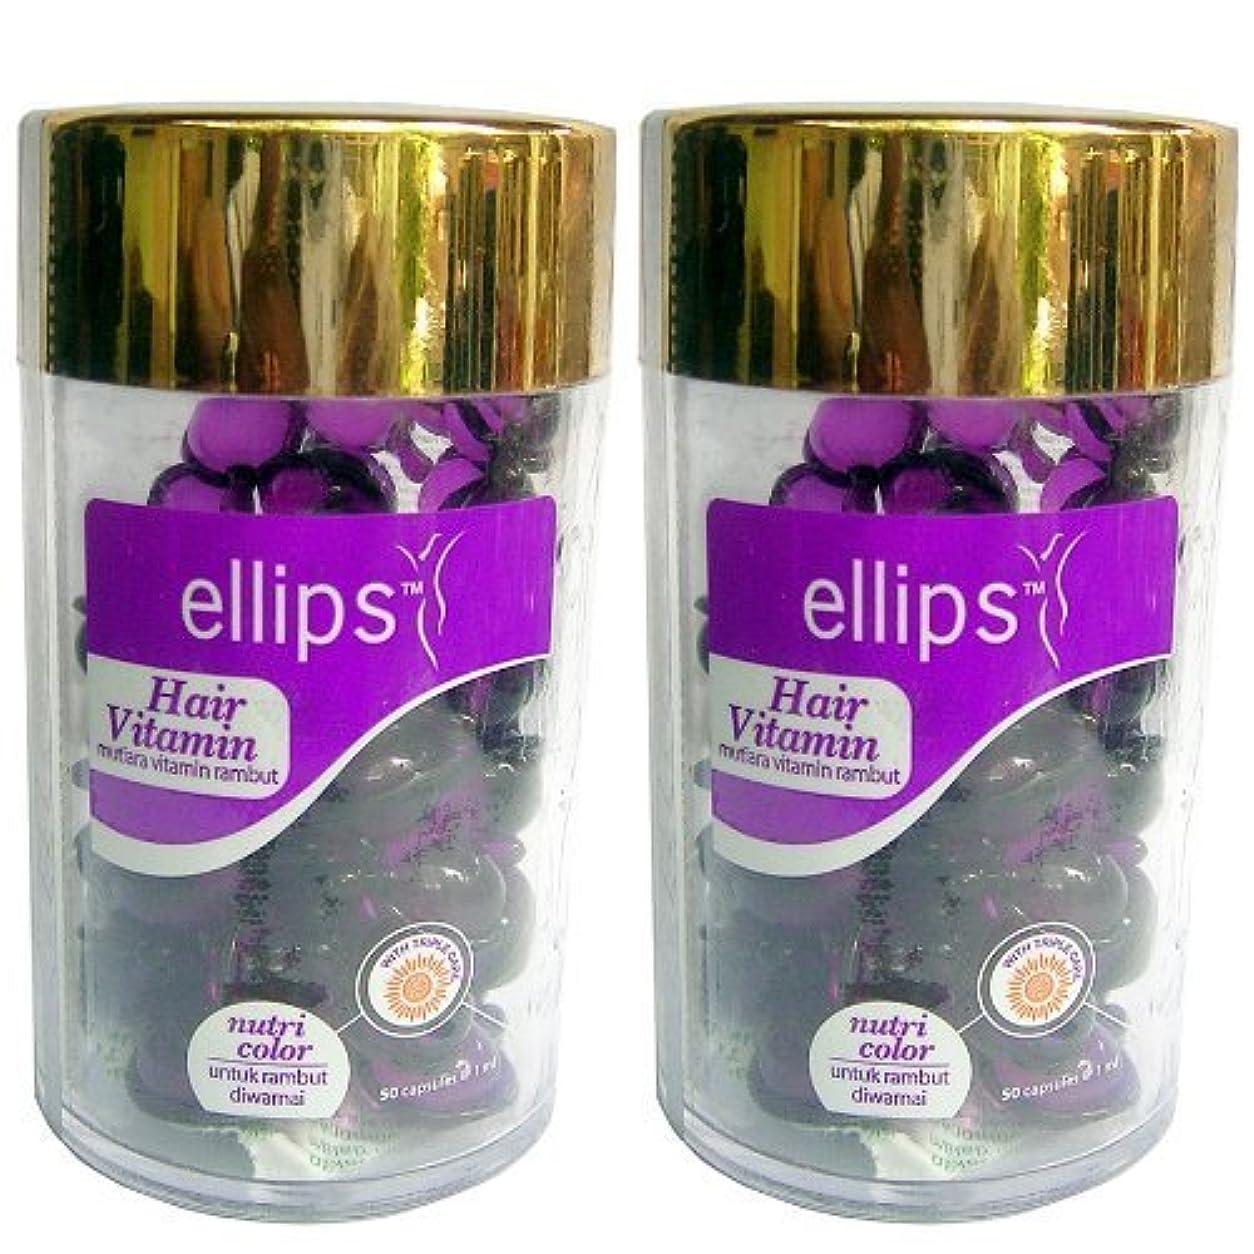 前好ましいダルセットEllips(エリプス)ヘアビタミン(50粒入)2個セット [並行輸入品][海外直送品] パープル